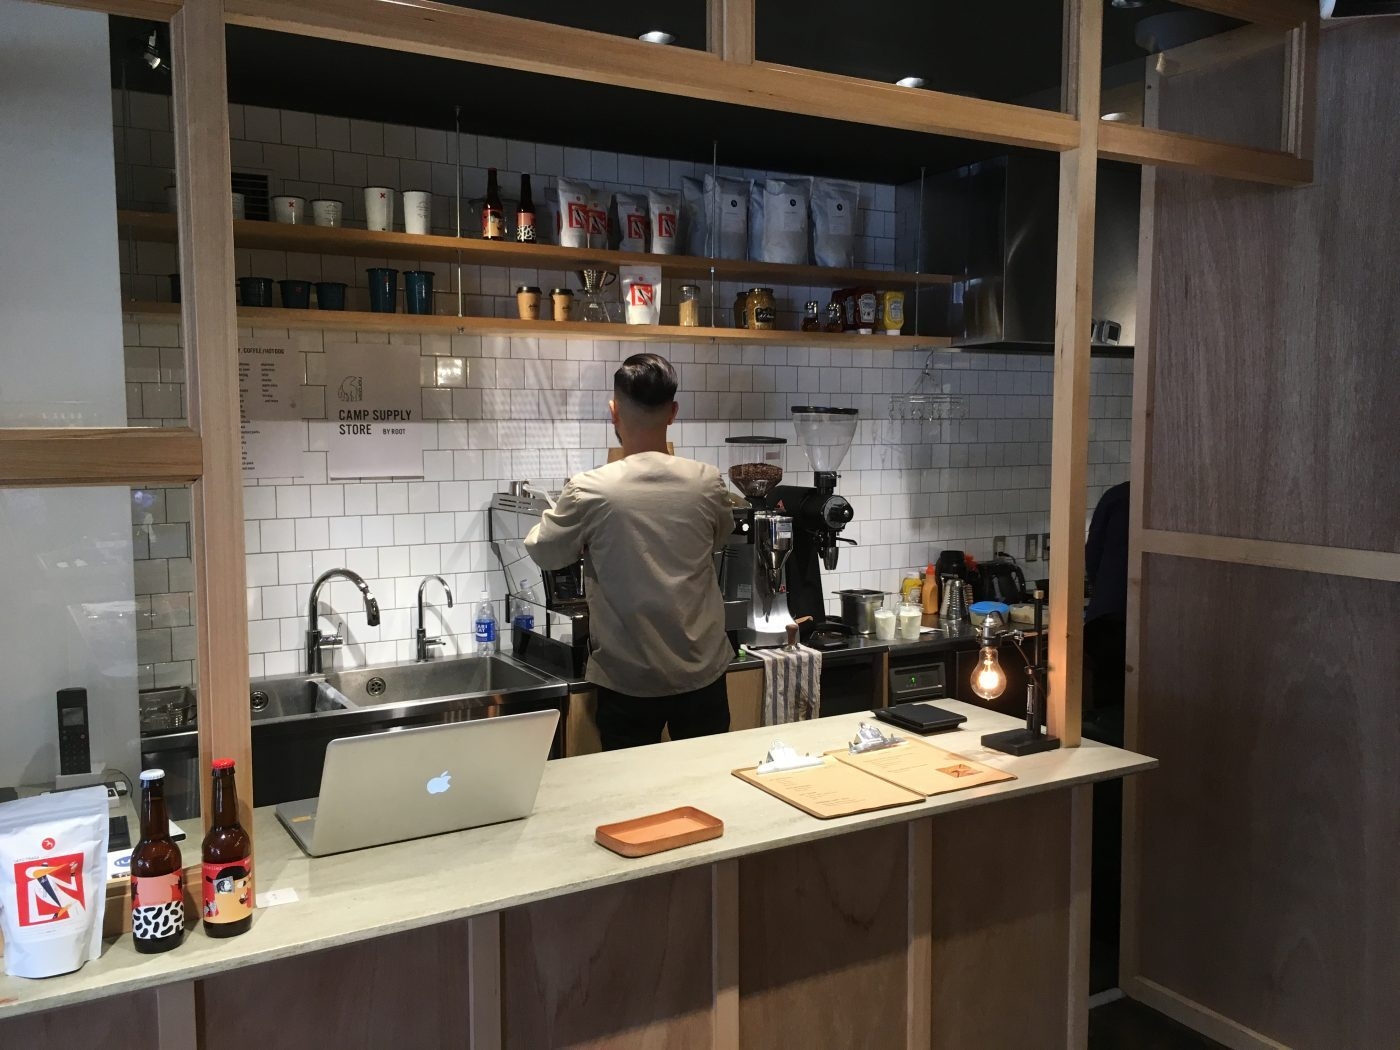 何故かコーヒーも買えて、ドリンクスペースが外に設けられています